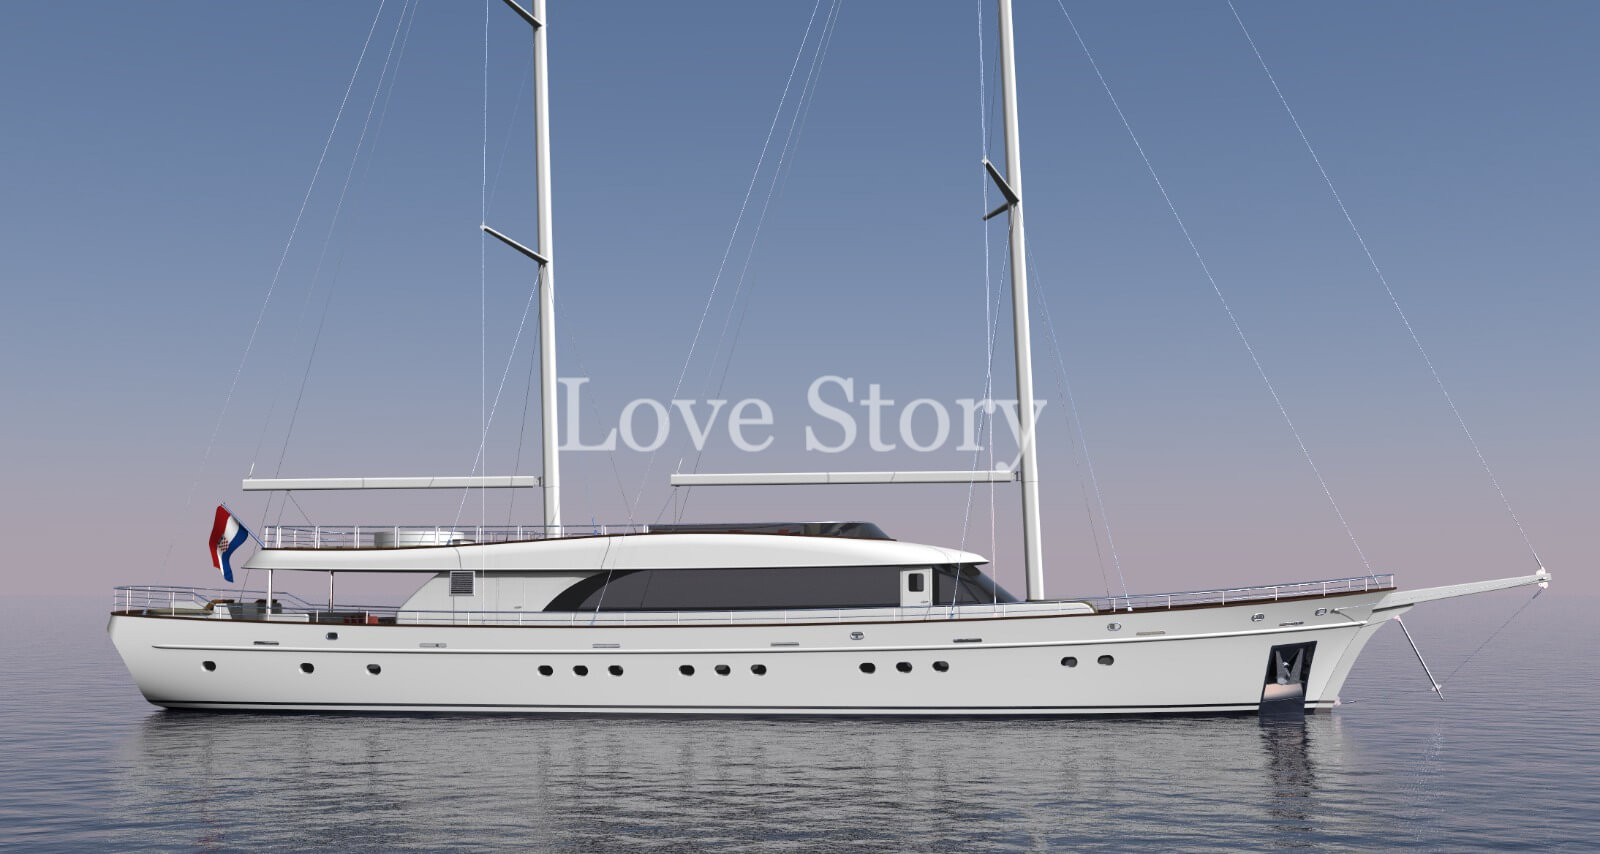 01_Gulet_Love_Story.jpg